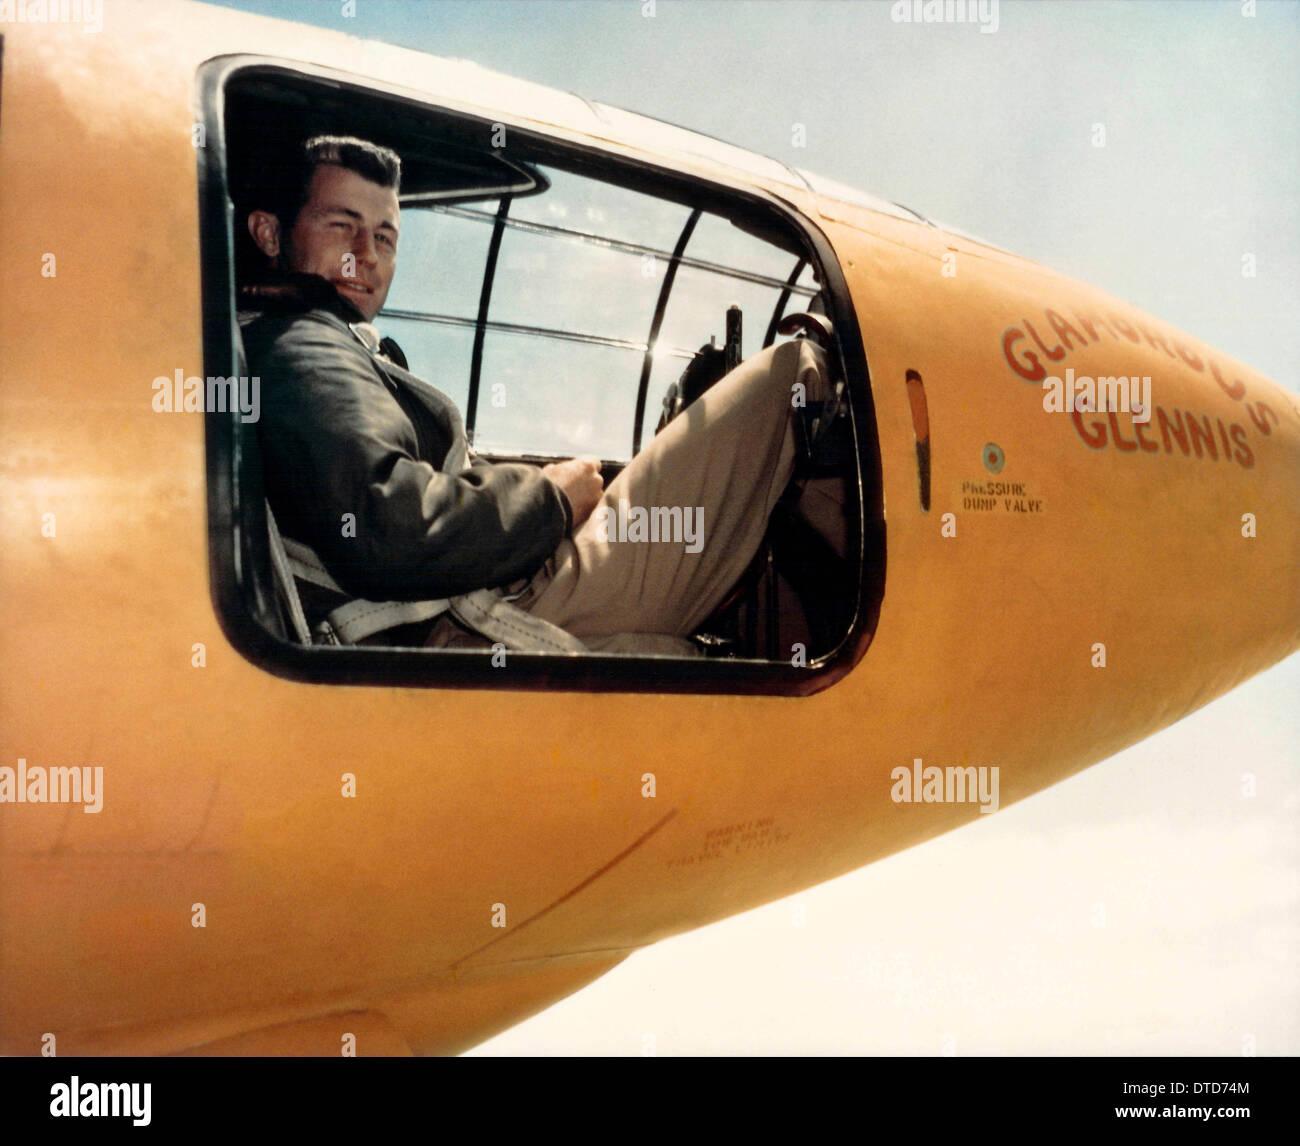 Prueba piloto de la Fuerza Aérea estadounidense Captain Chuck Yeager sentado en la cabina de un glamoroso Glennis Foto de stock